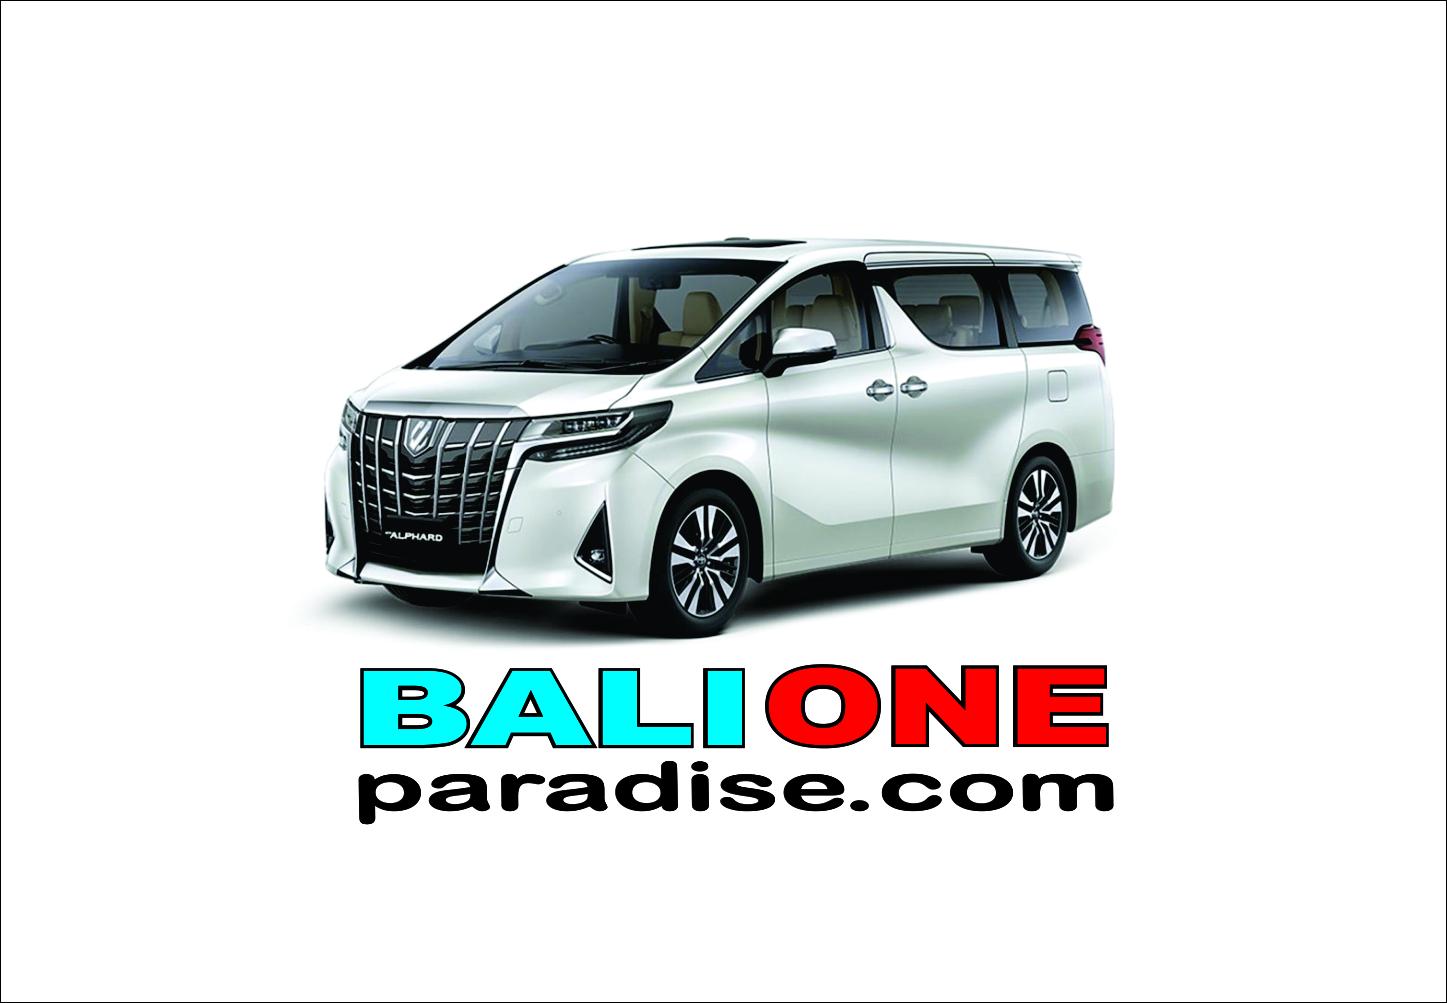 BALI ONE PARADISE